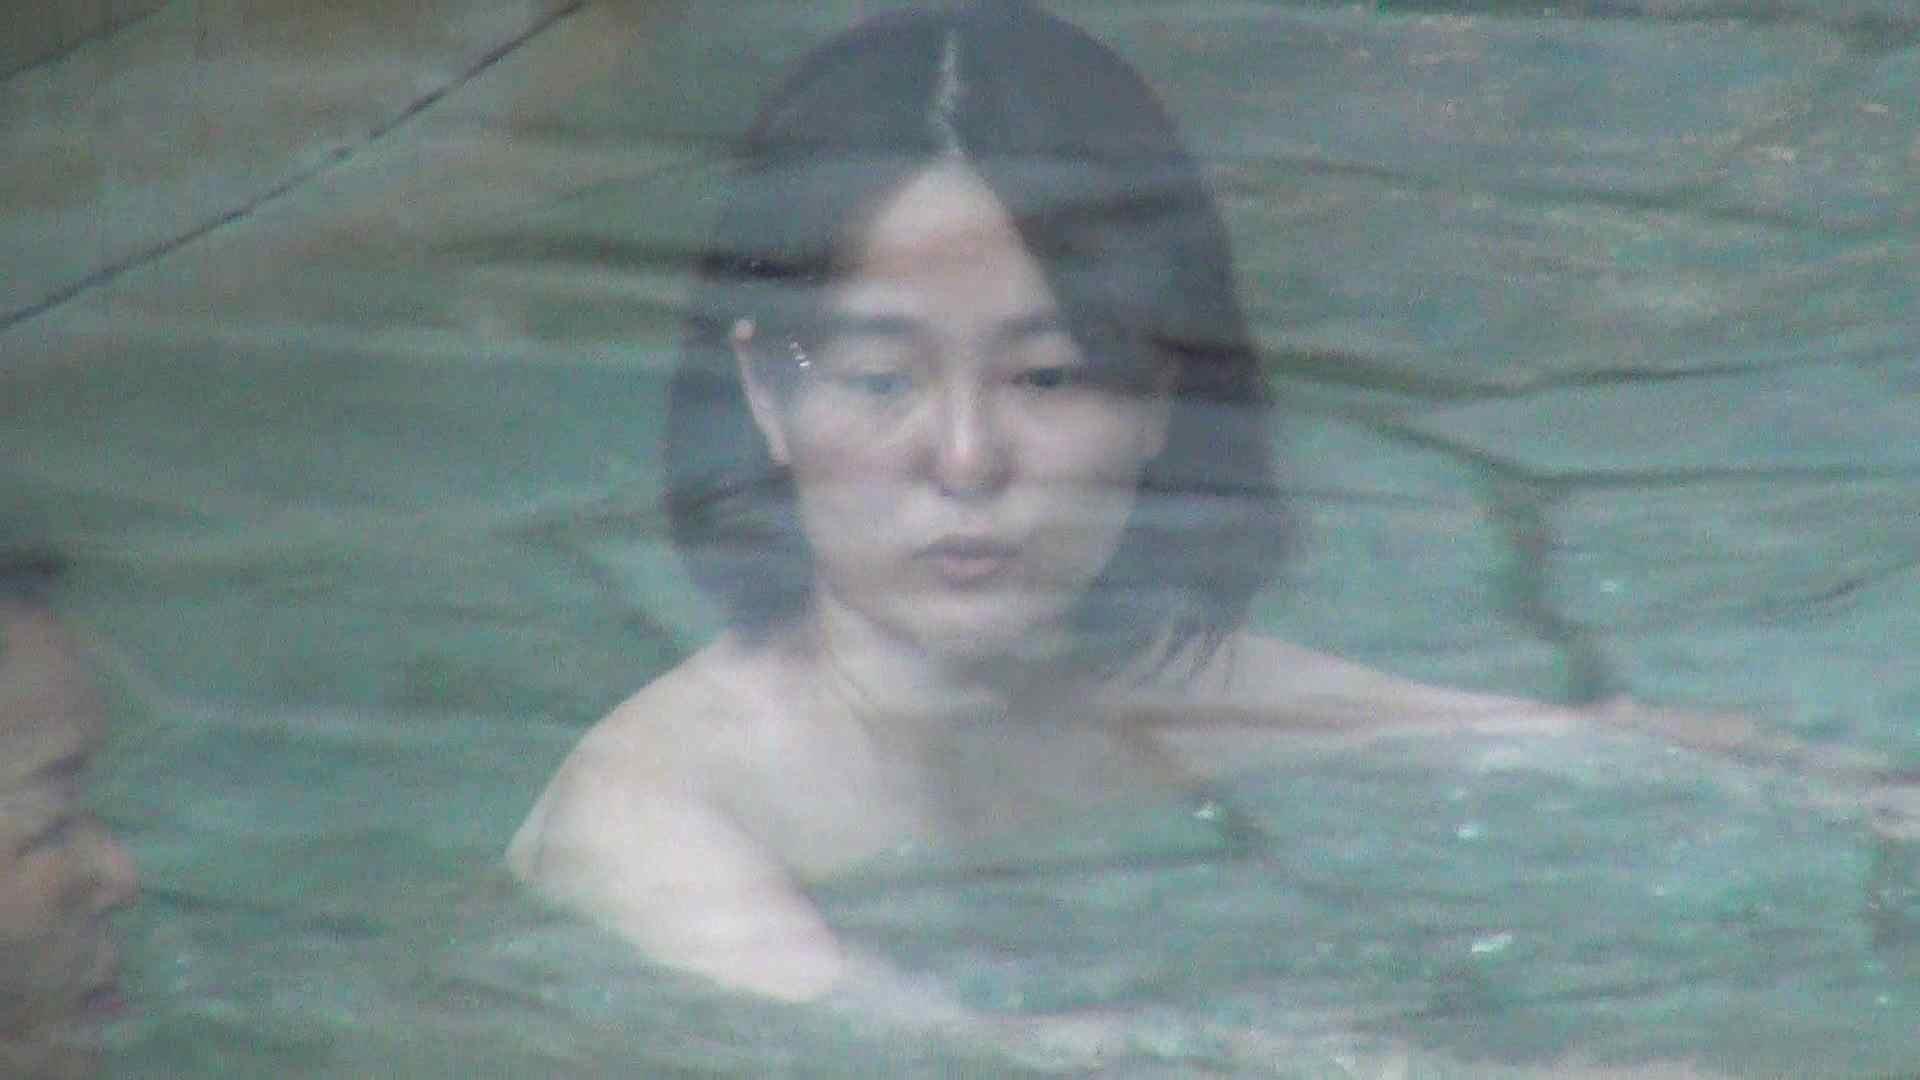 Aquaな露天風呂Vol.297 露天  103画像 84